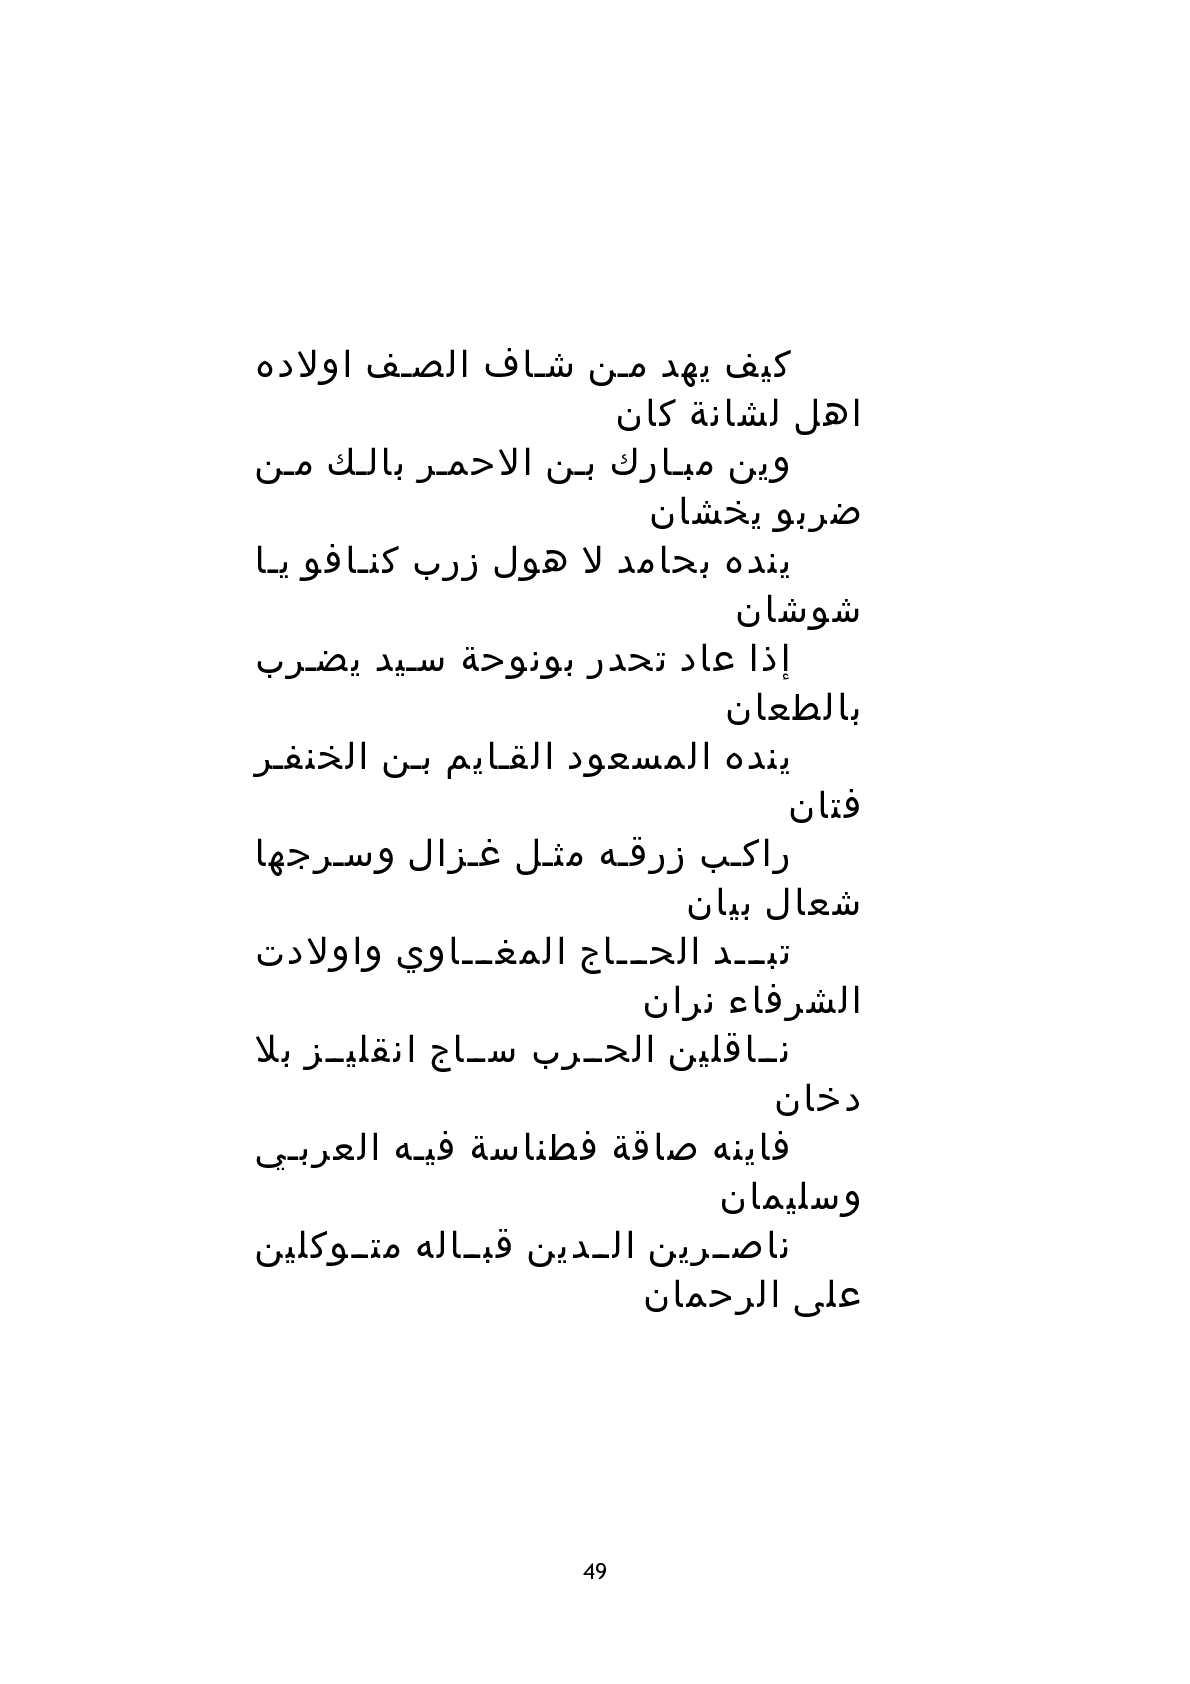 معجم شعراء الشعر الشعبي في الجزائر من القرن 16م إلى أواخر